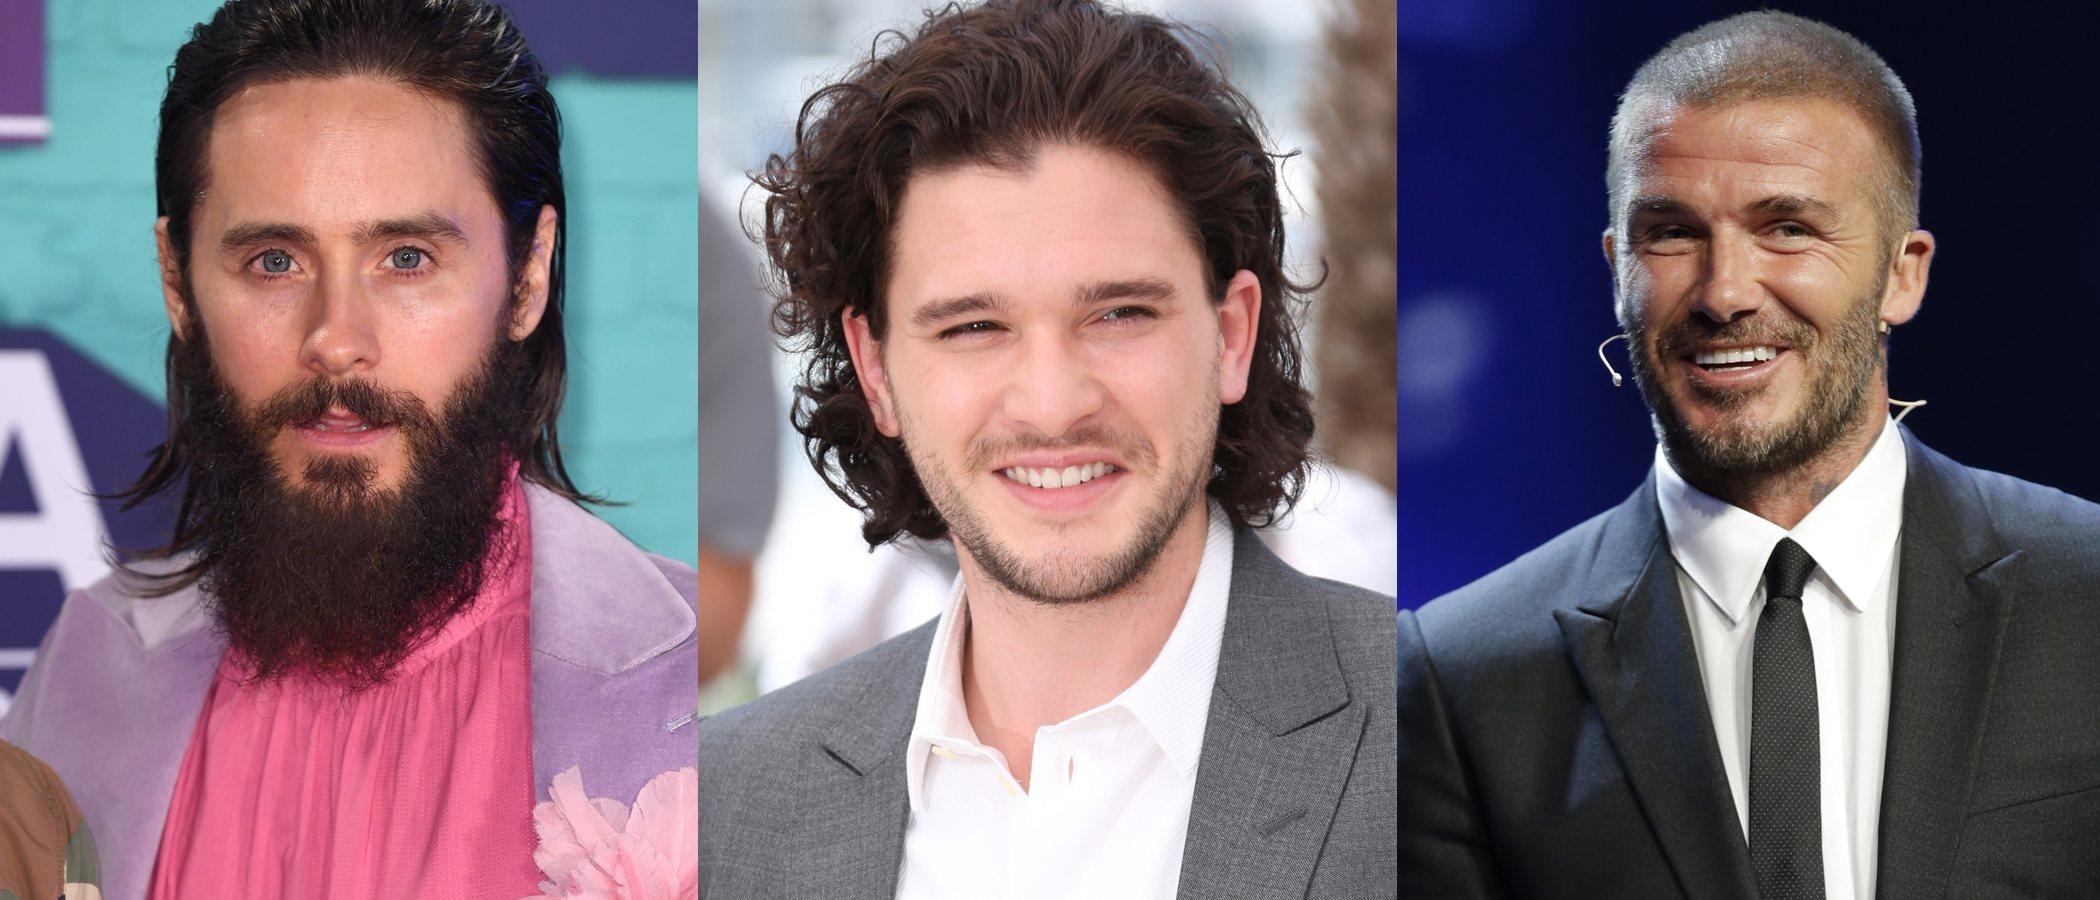 Los peinados para hombres que serán tendencia en otoño de 2018